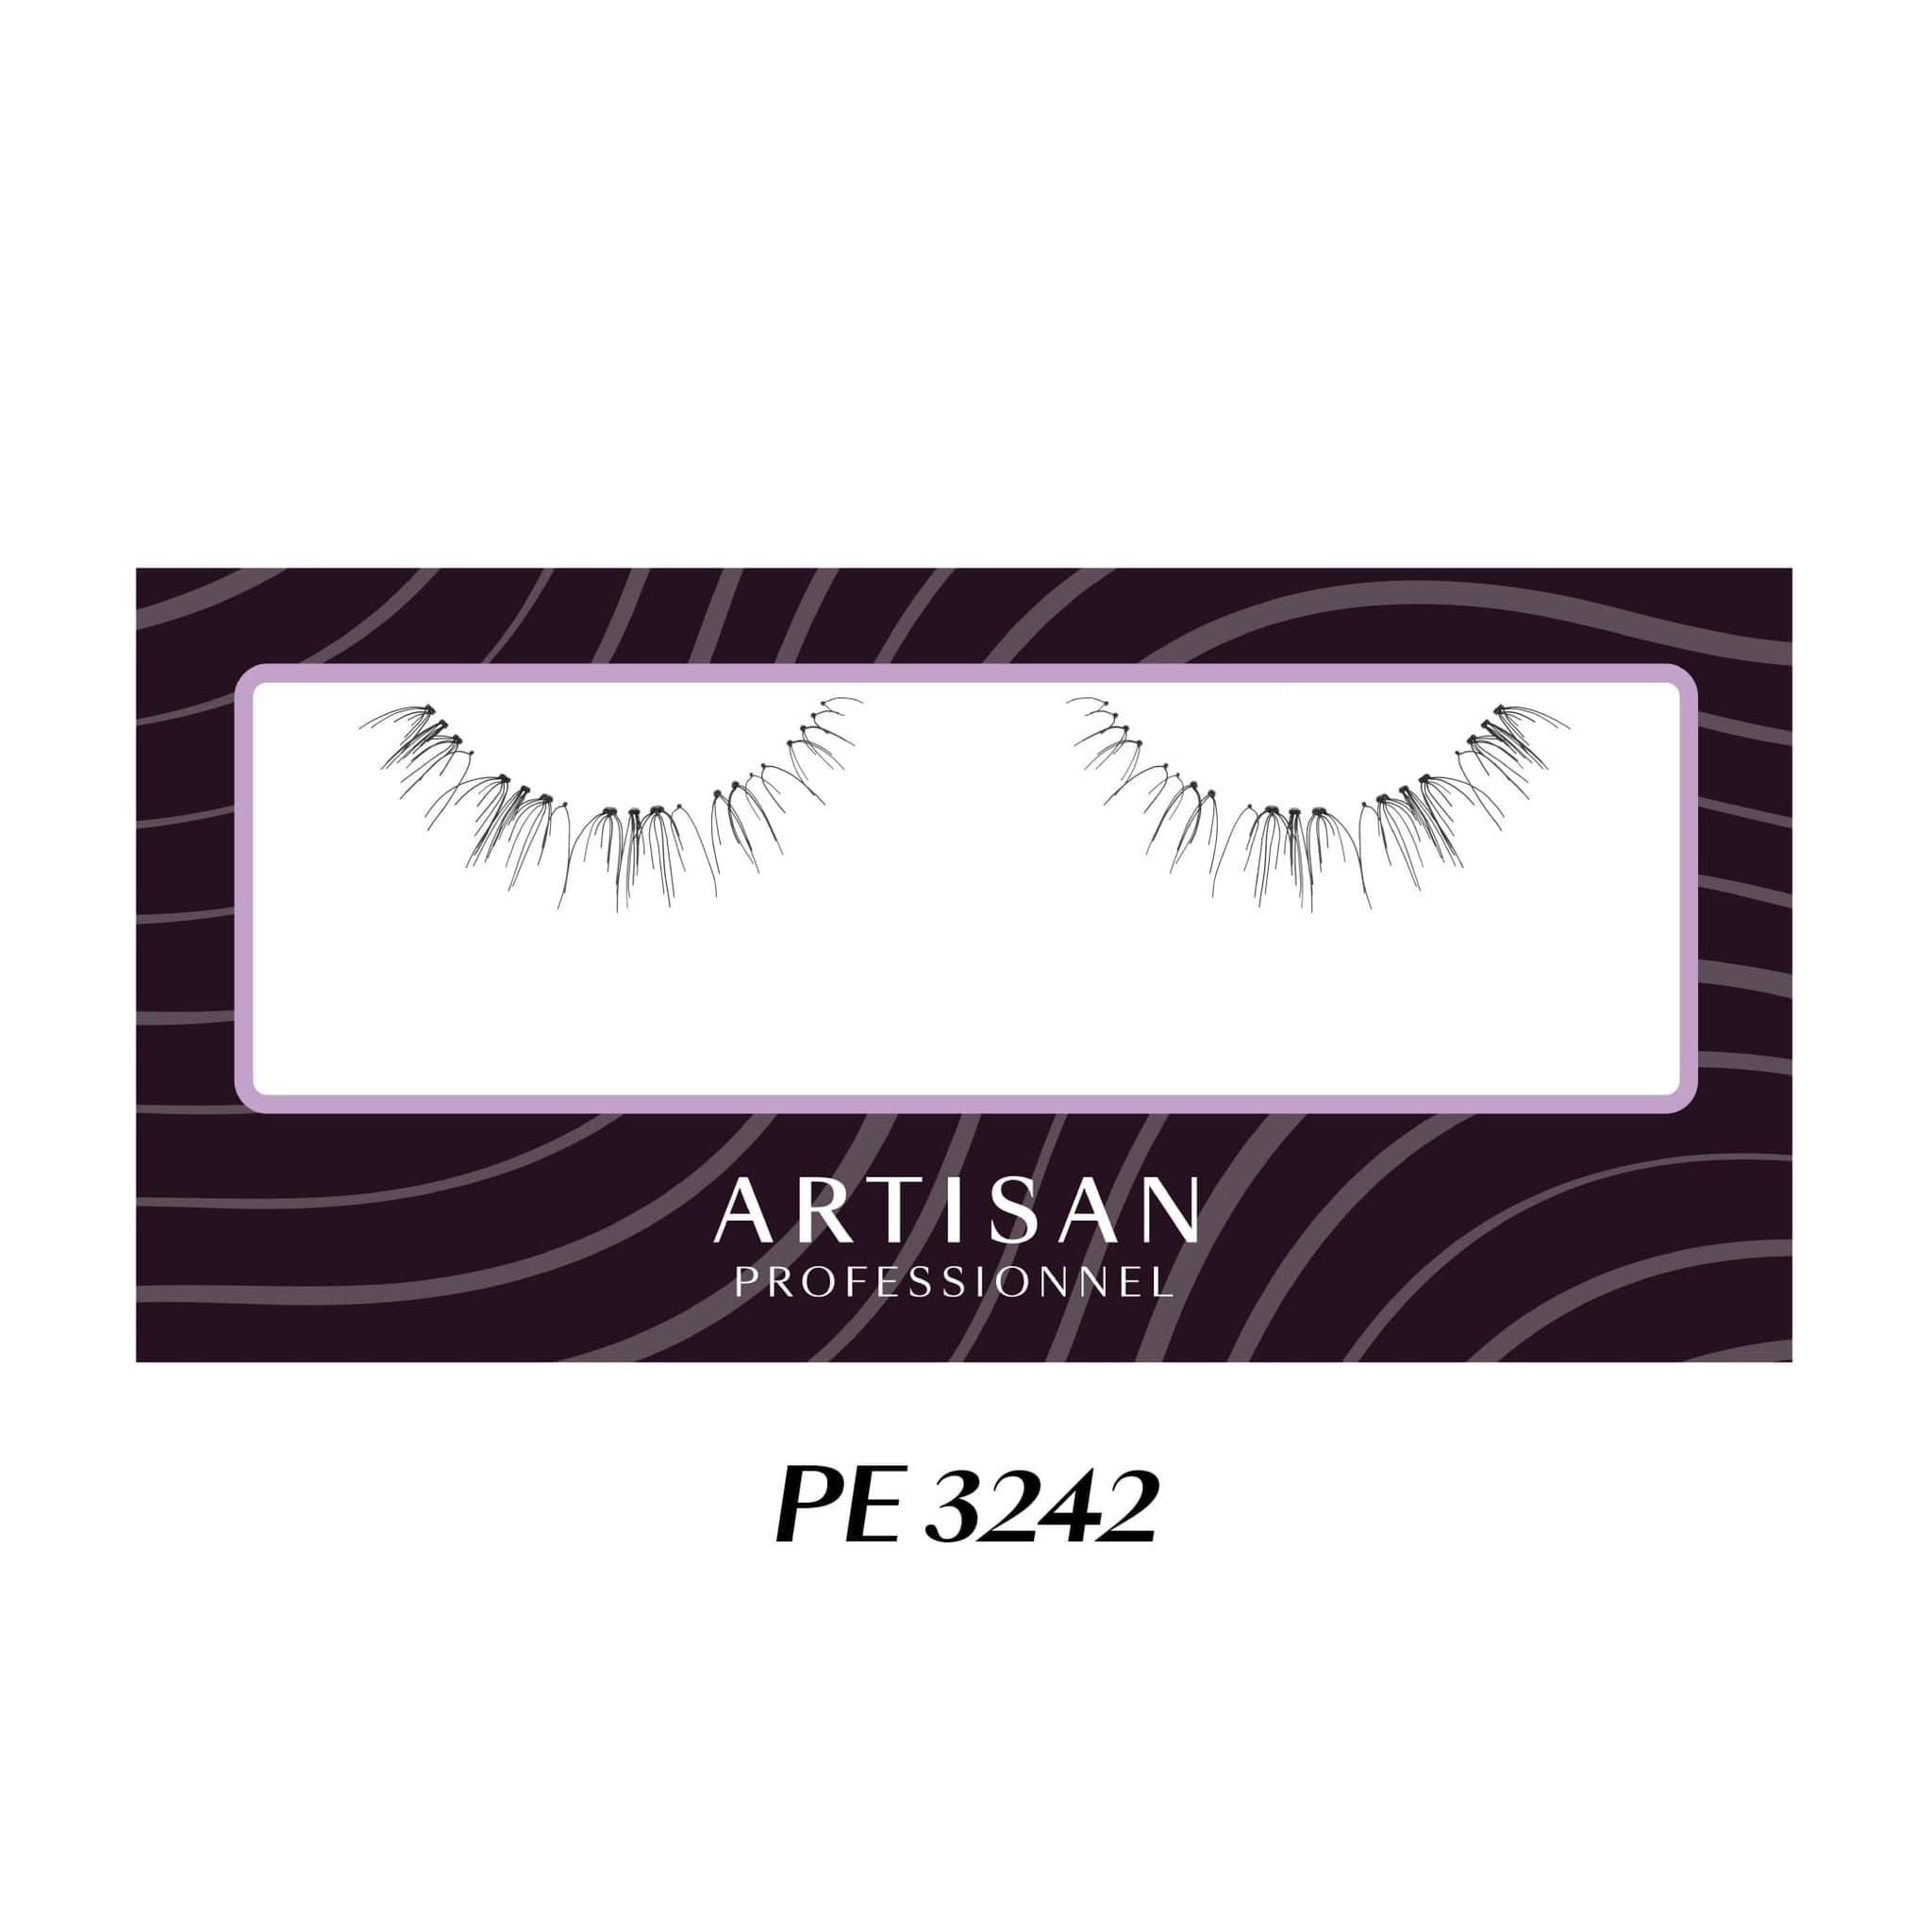 ARTISAN - Petite 3242 X Adele Makeup - Bulu Mata Palsu thumbnail